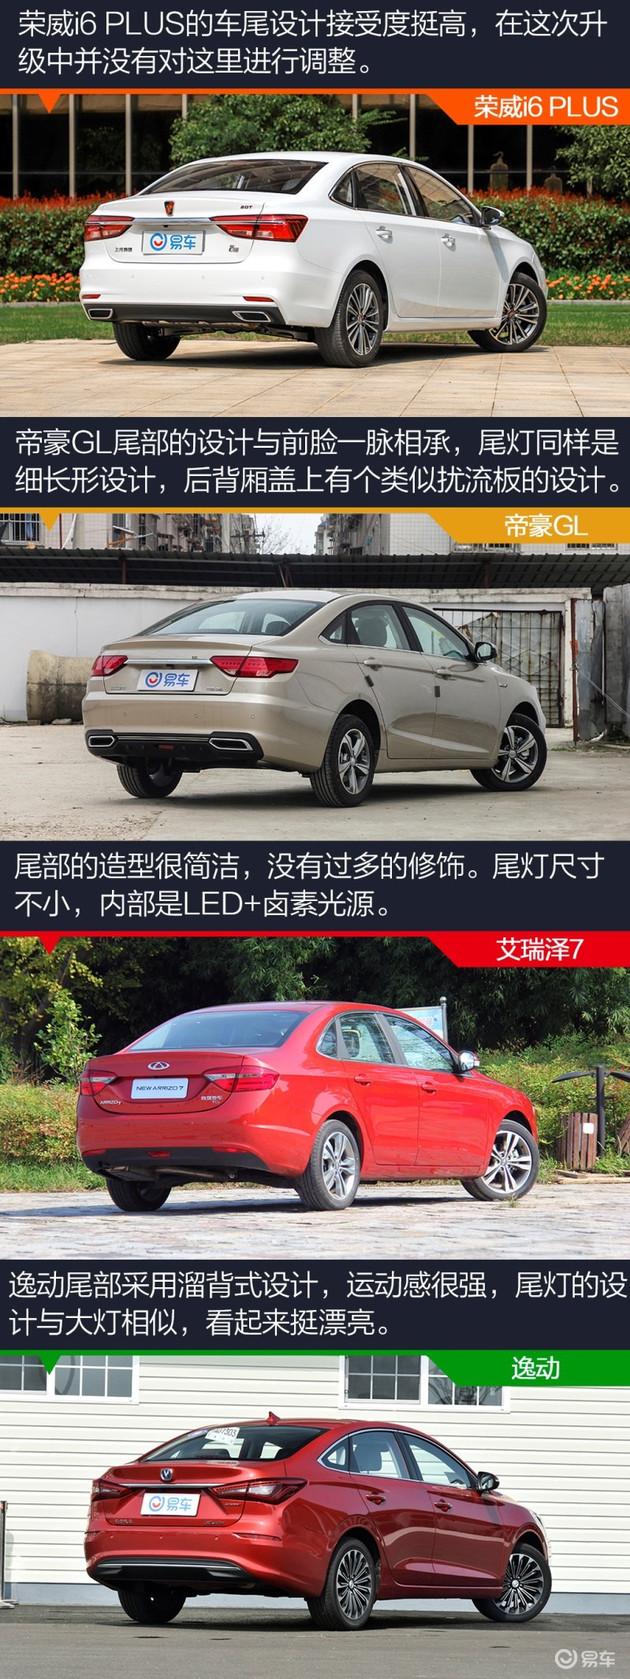 10万级自主品牌家轿新选择,这些车让你觉得真的太值了!